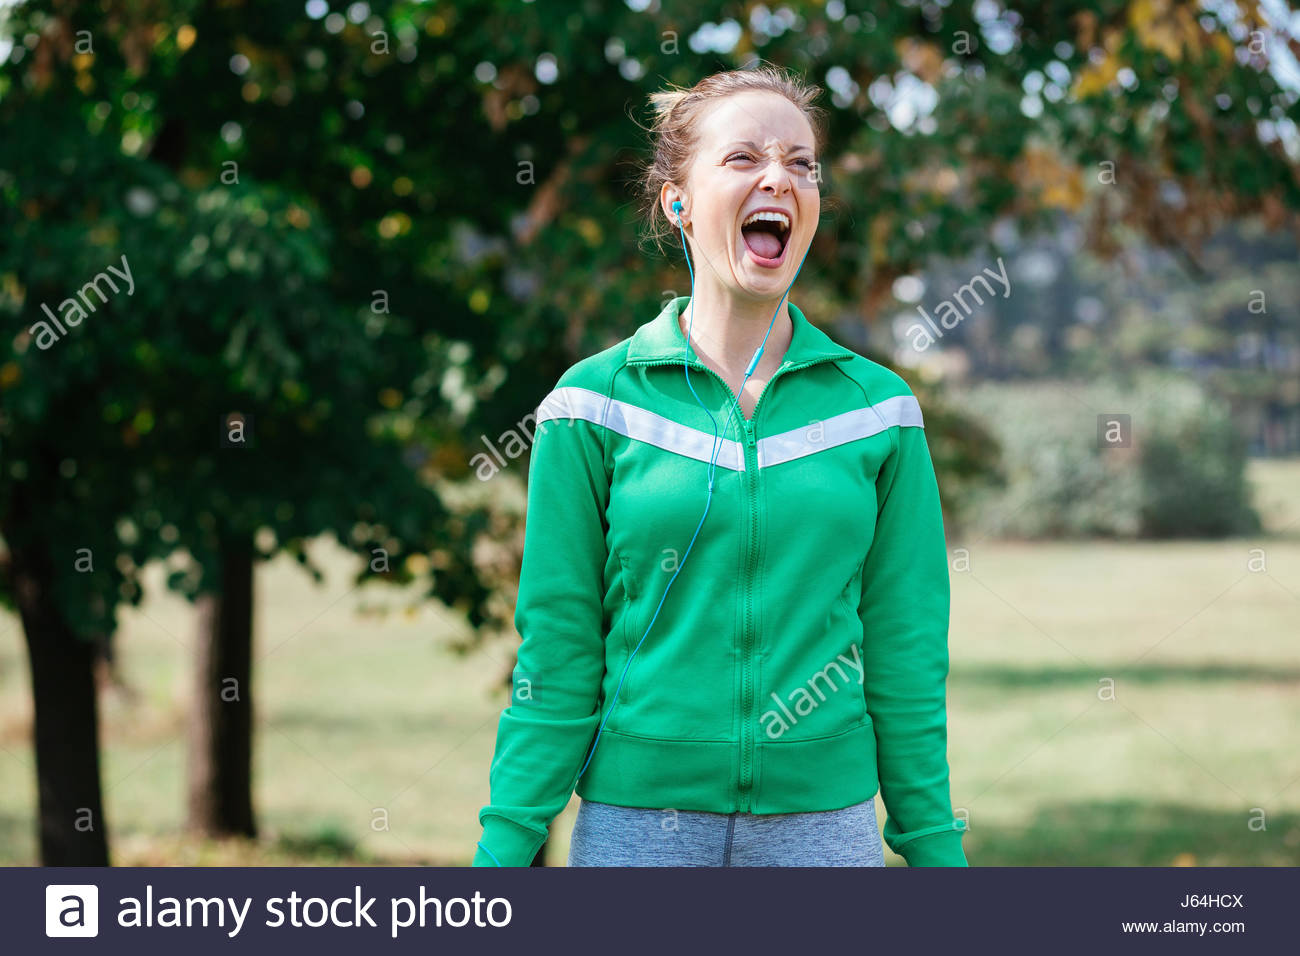 Frauen feiern ein Rennen zu gewinnen Stockbild